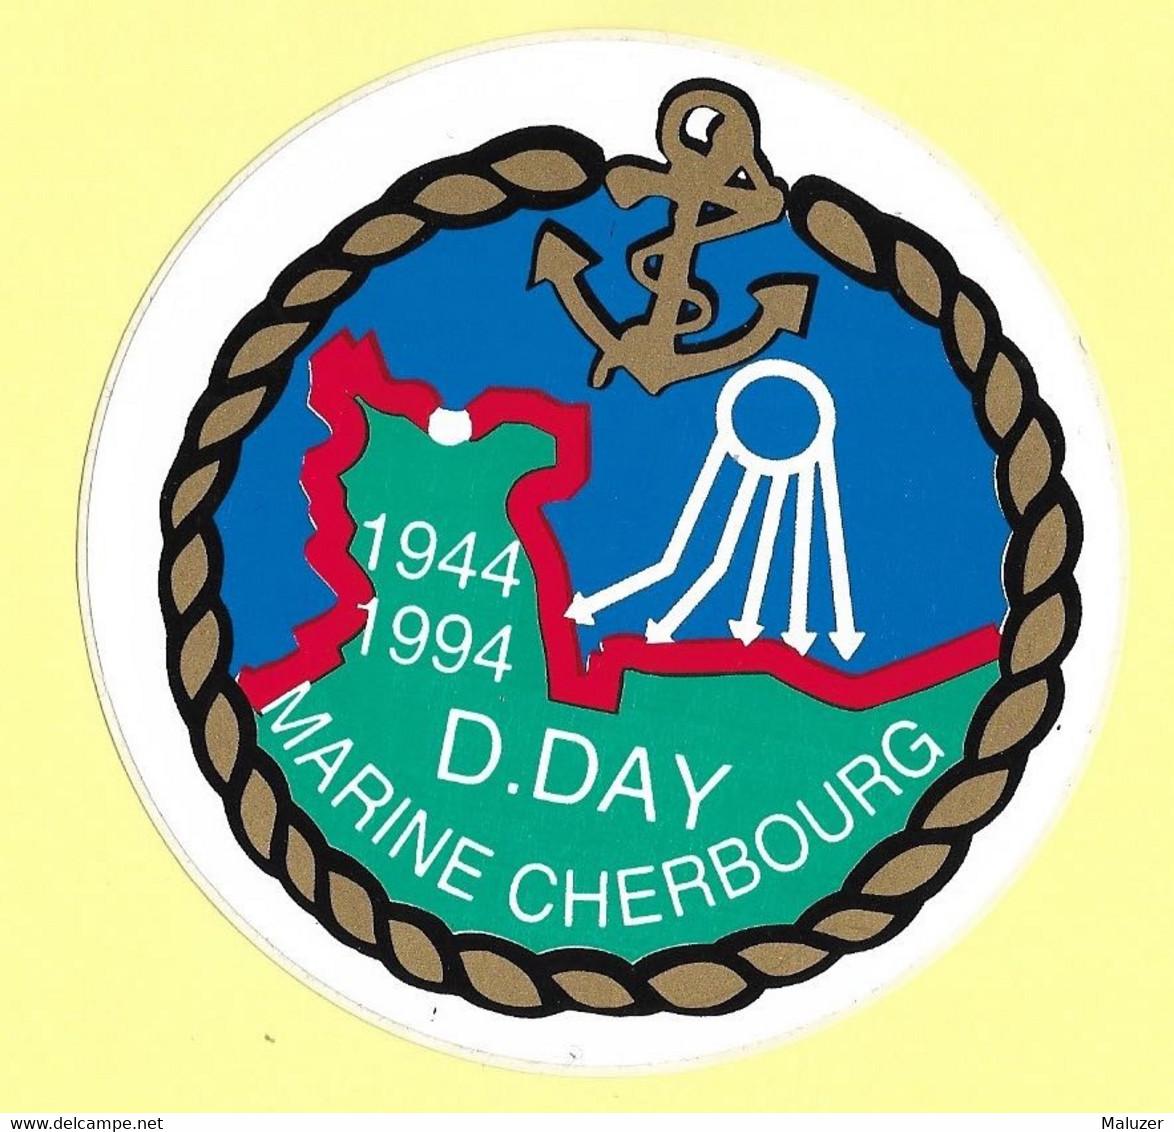 AUTOCOLLANT STICKER - D. DAY MARINE CHERBOURG 1944 1994 50E ANNIVERSAIRE - DÉBARQUEMENT NORMANDIE SECONDE GUERRE MONDIAL - Stickers